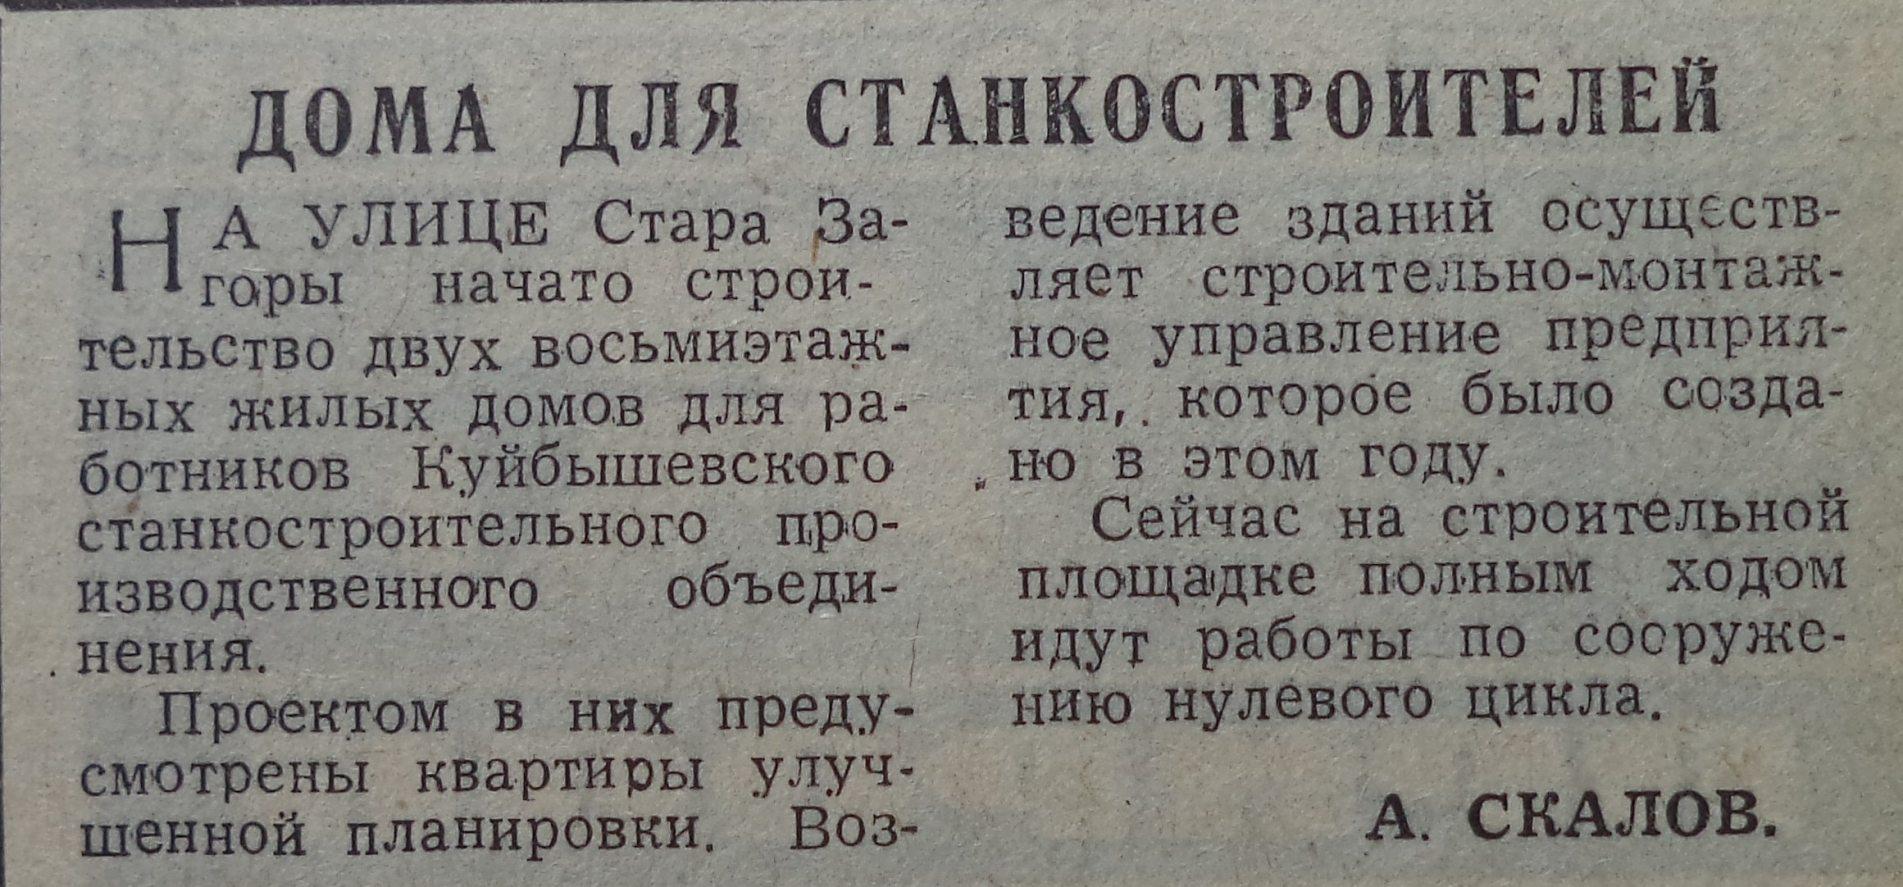 Стара Загора-ФОТО-014-ВЗя-1981-12-14-о стр-ве двух вставок на СЗ - XXII Парт.-min